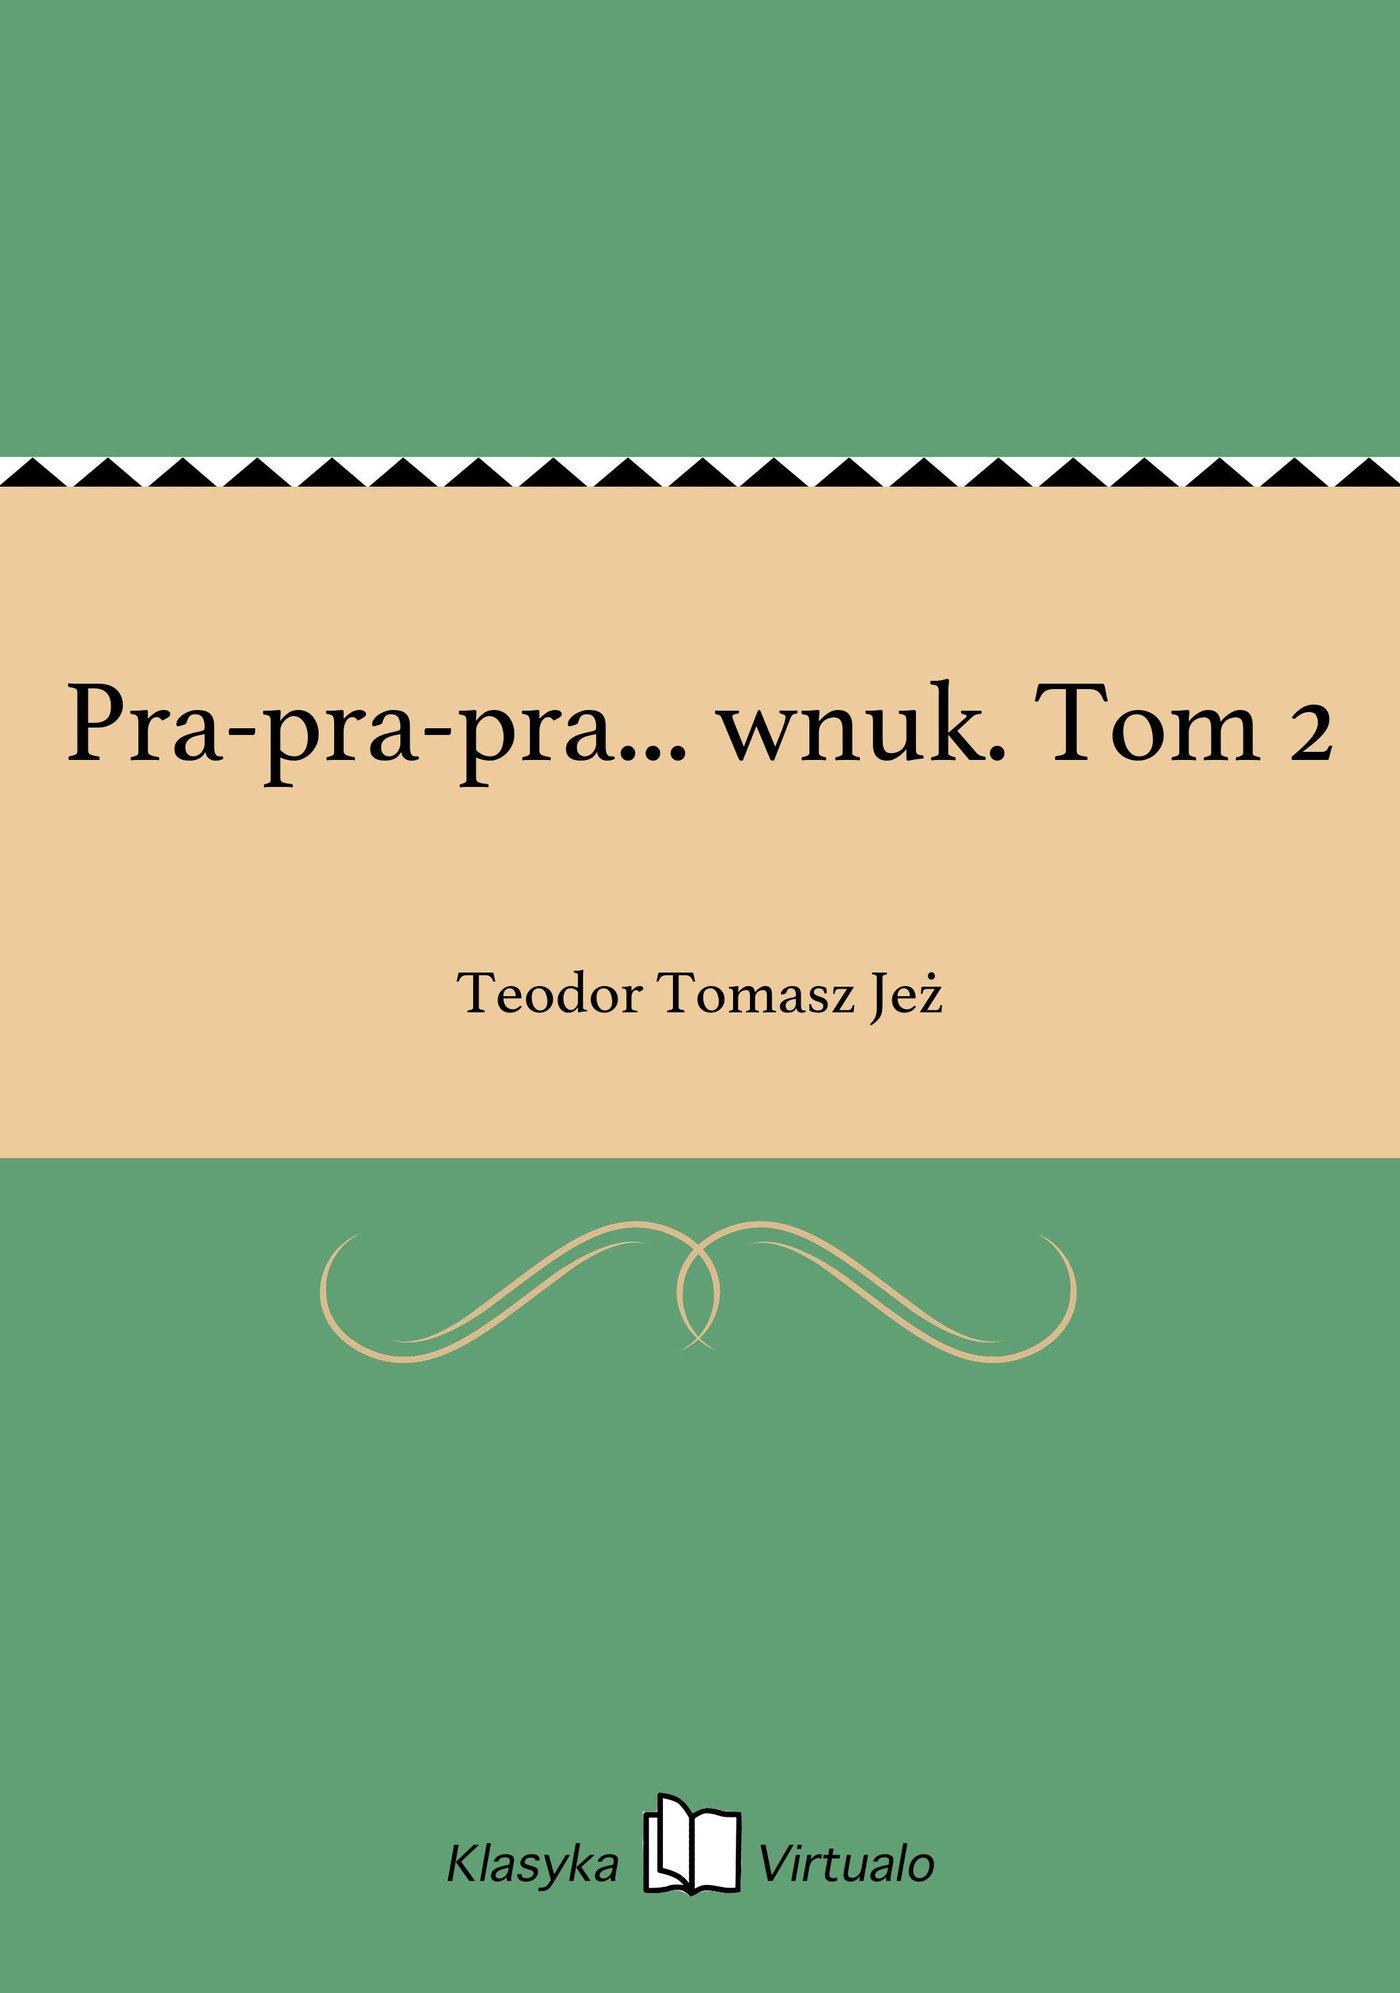 Pra-pra-pra... wnuk. Tom 2 - Ebook (Książka EPUB) do pobrania w formacie EPUB